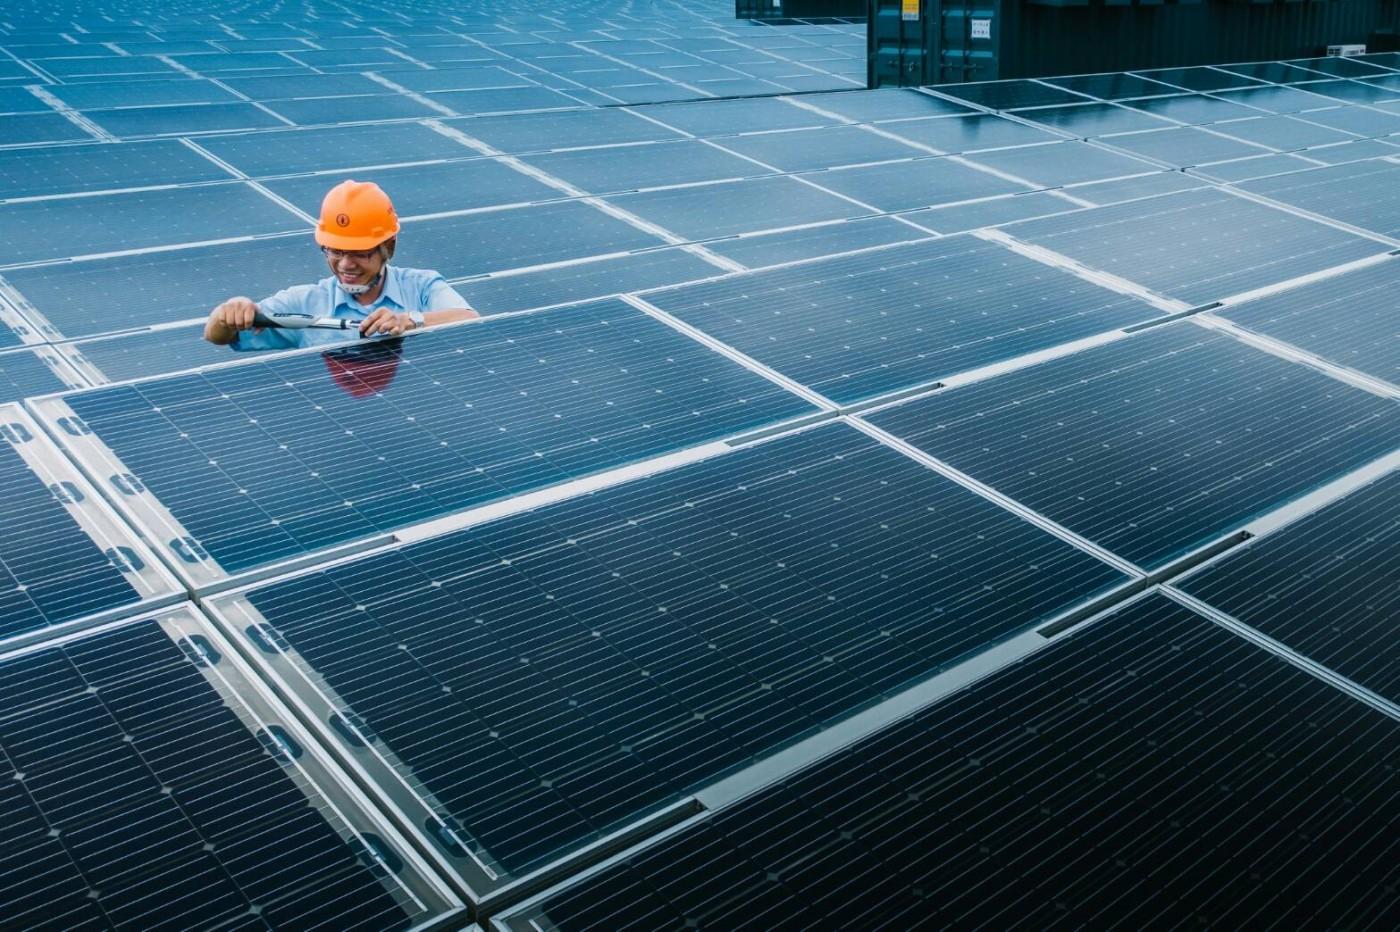 綠能正夯!台灣太陽光電20GW怎麼拚?業界2大呼籲